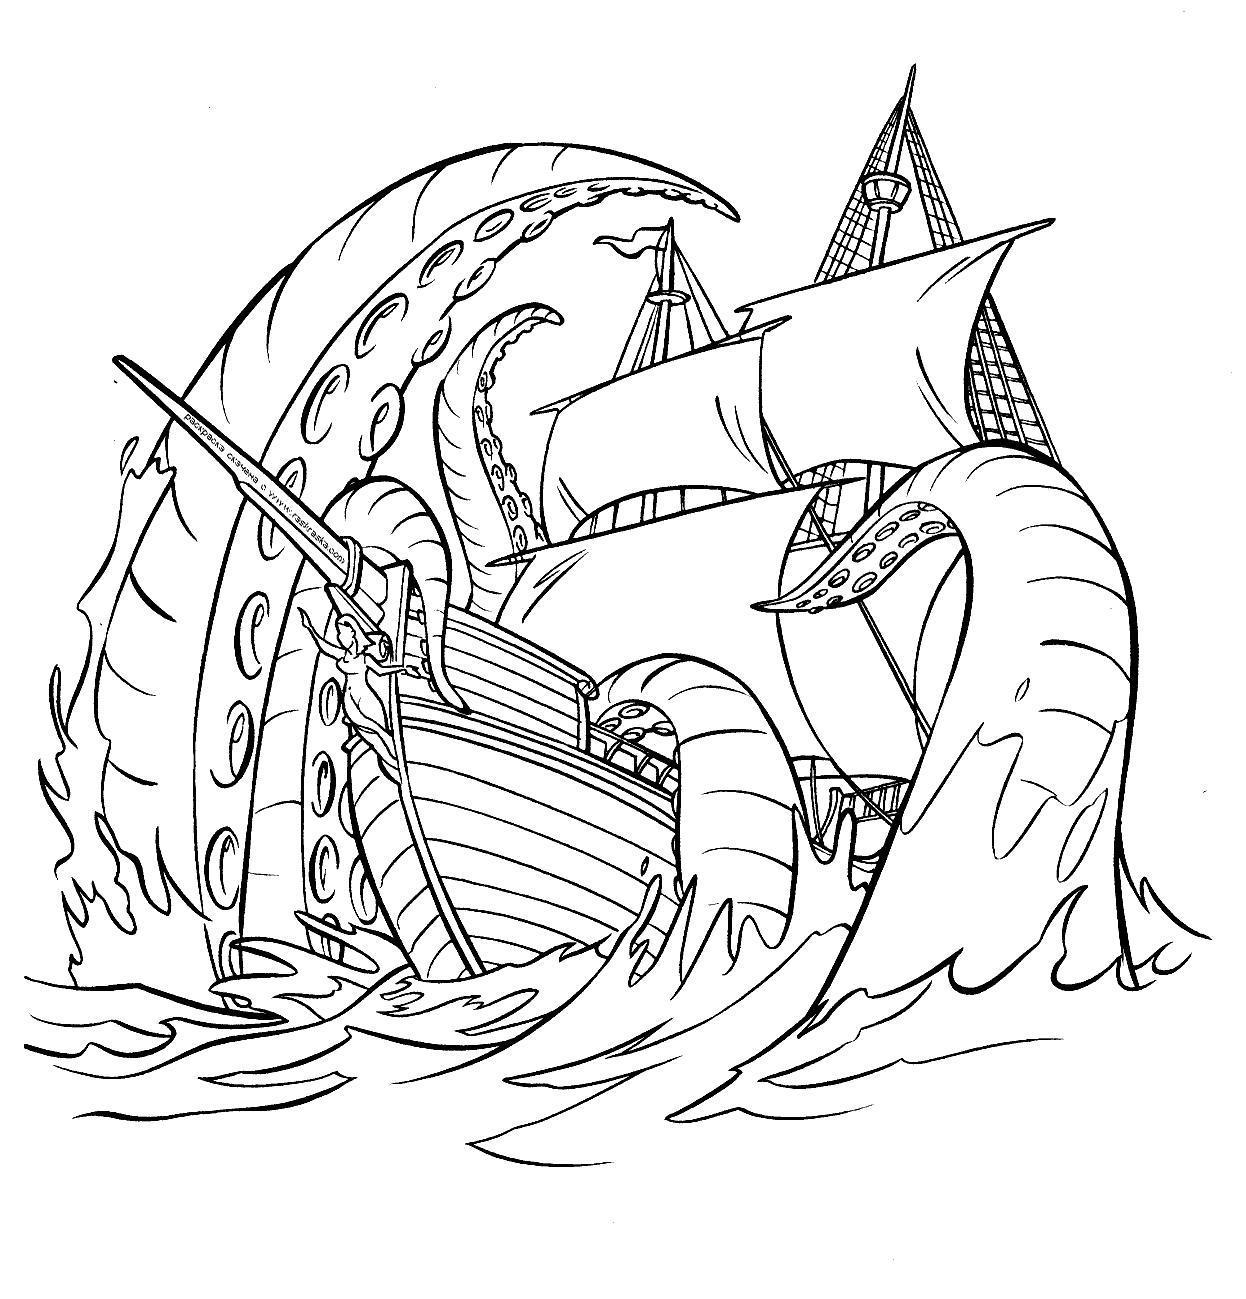 Морское чудовище топит корабль Скачать раскраски для мальчиков